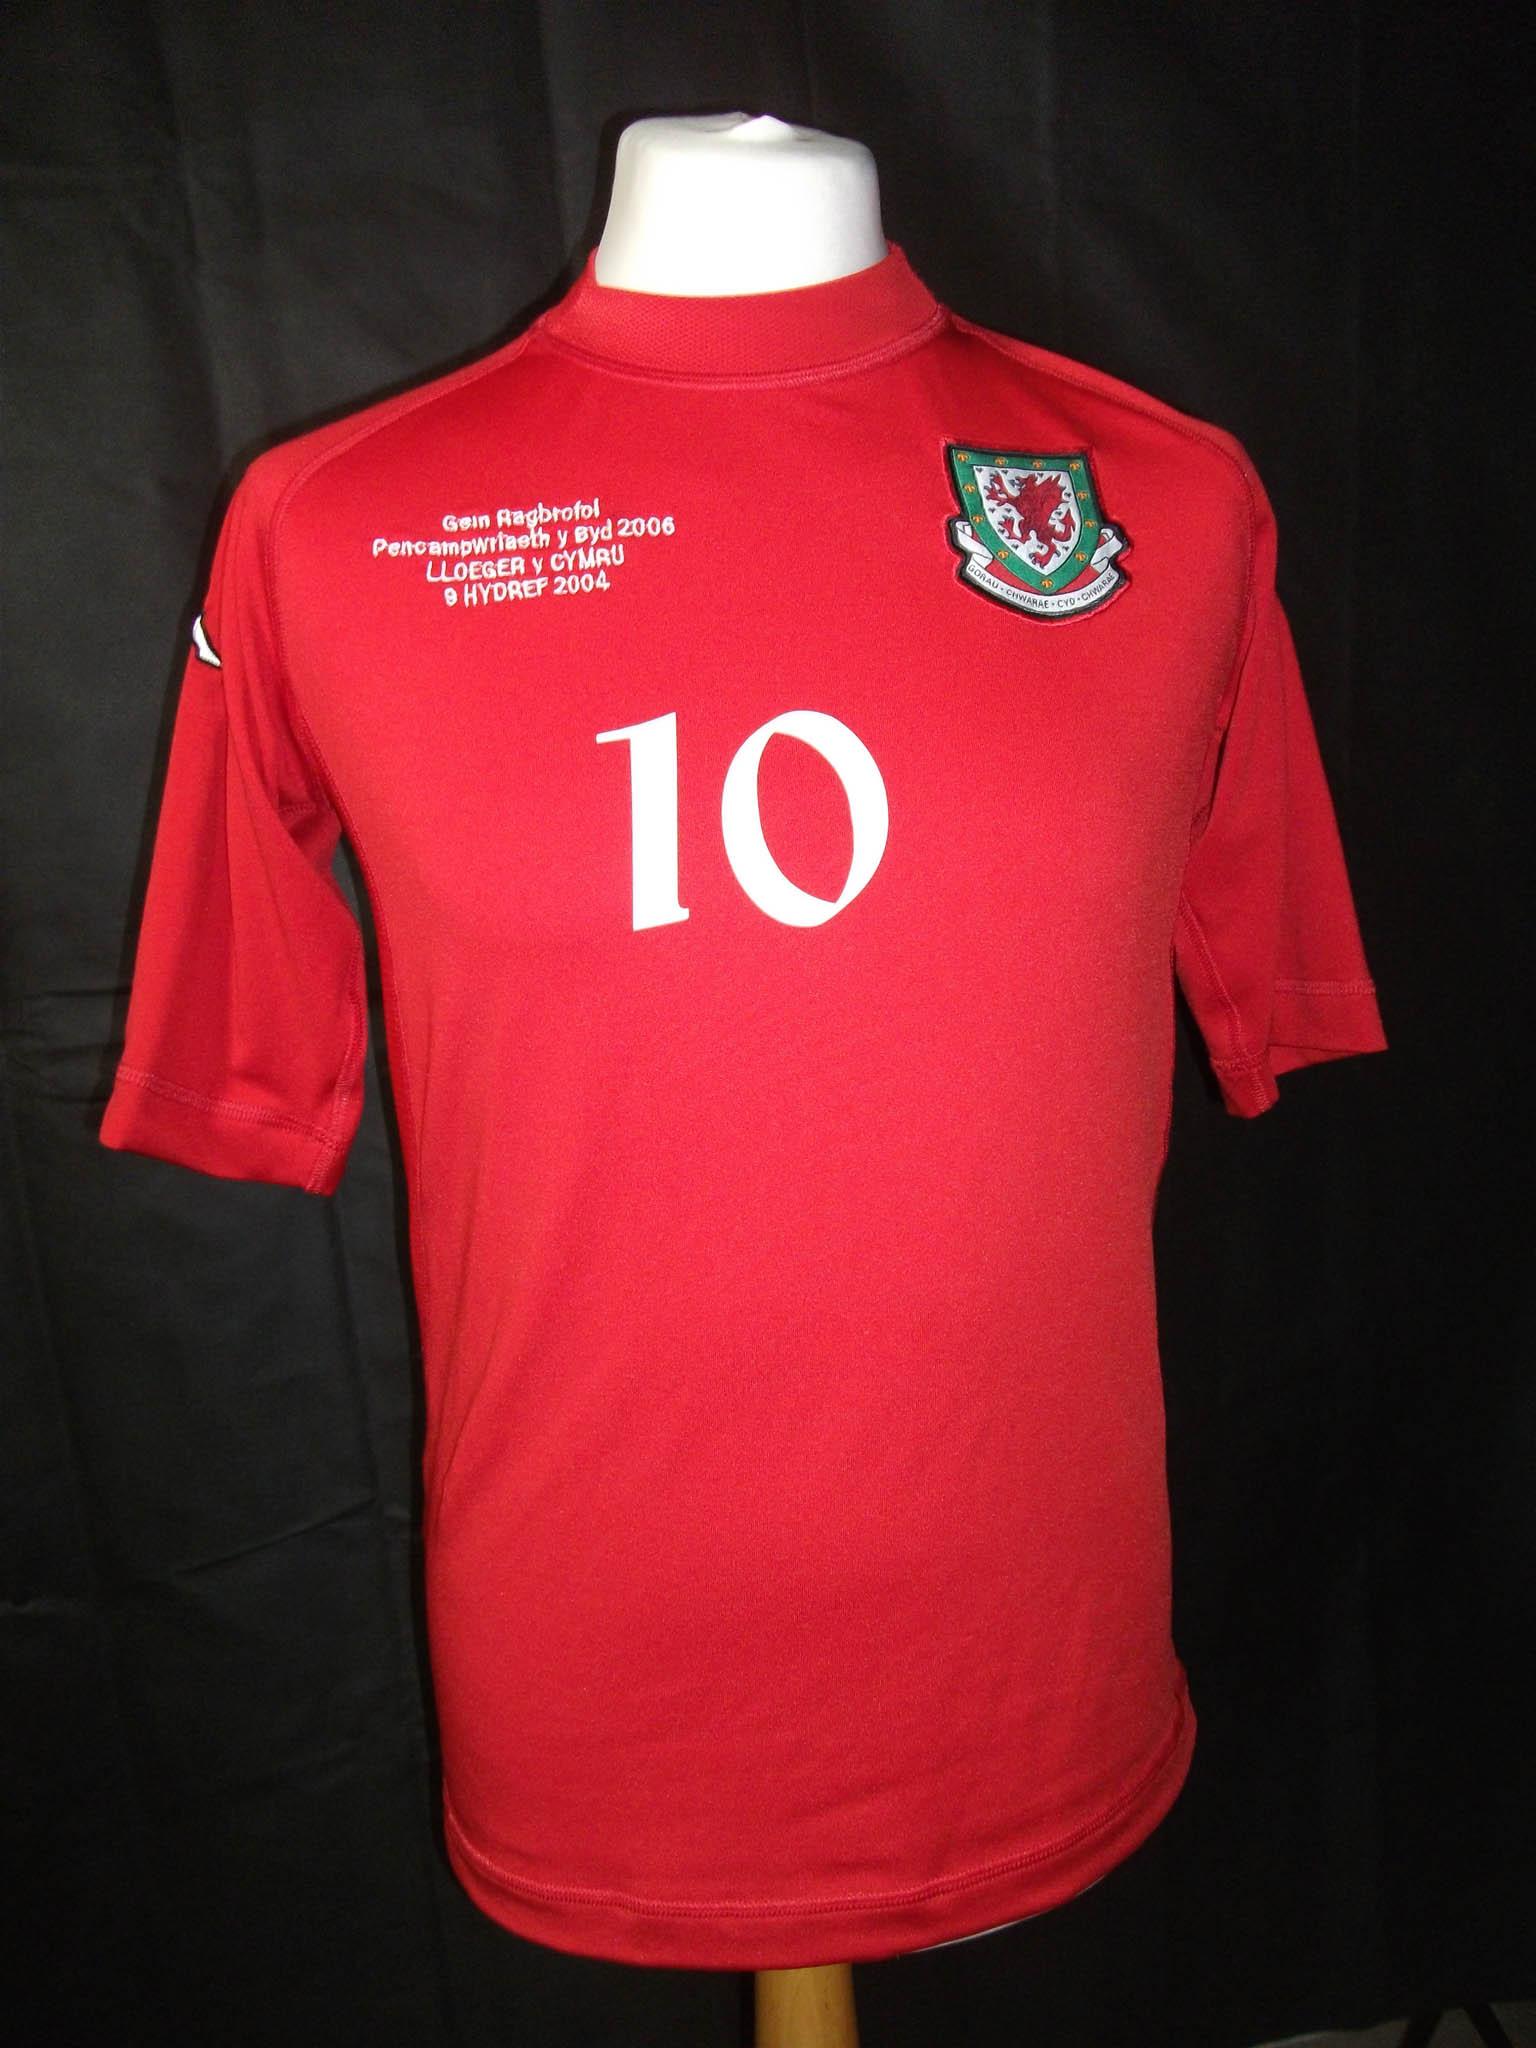 Vintage 2004 Wales Kappa football shirt2